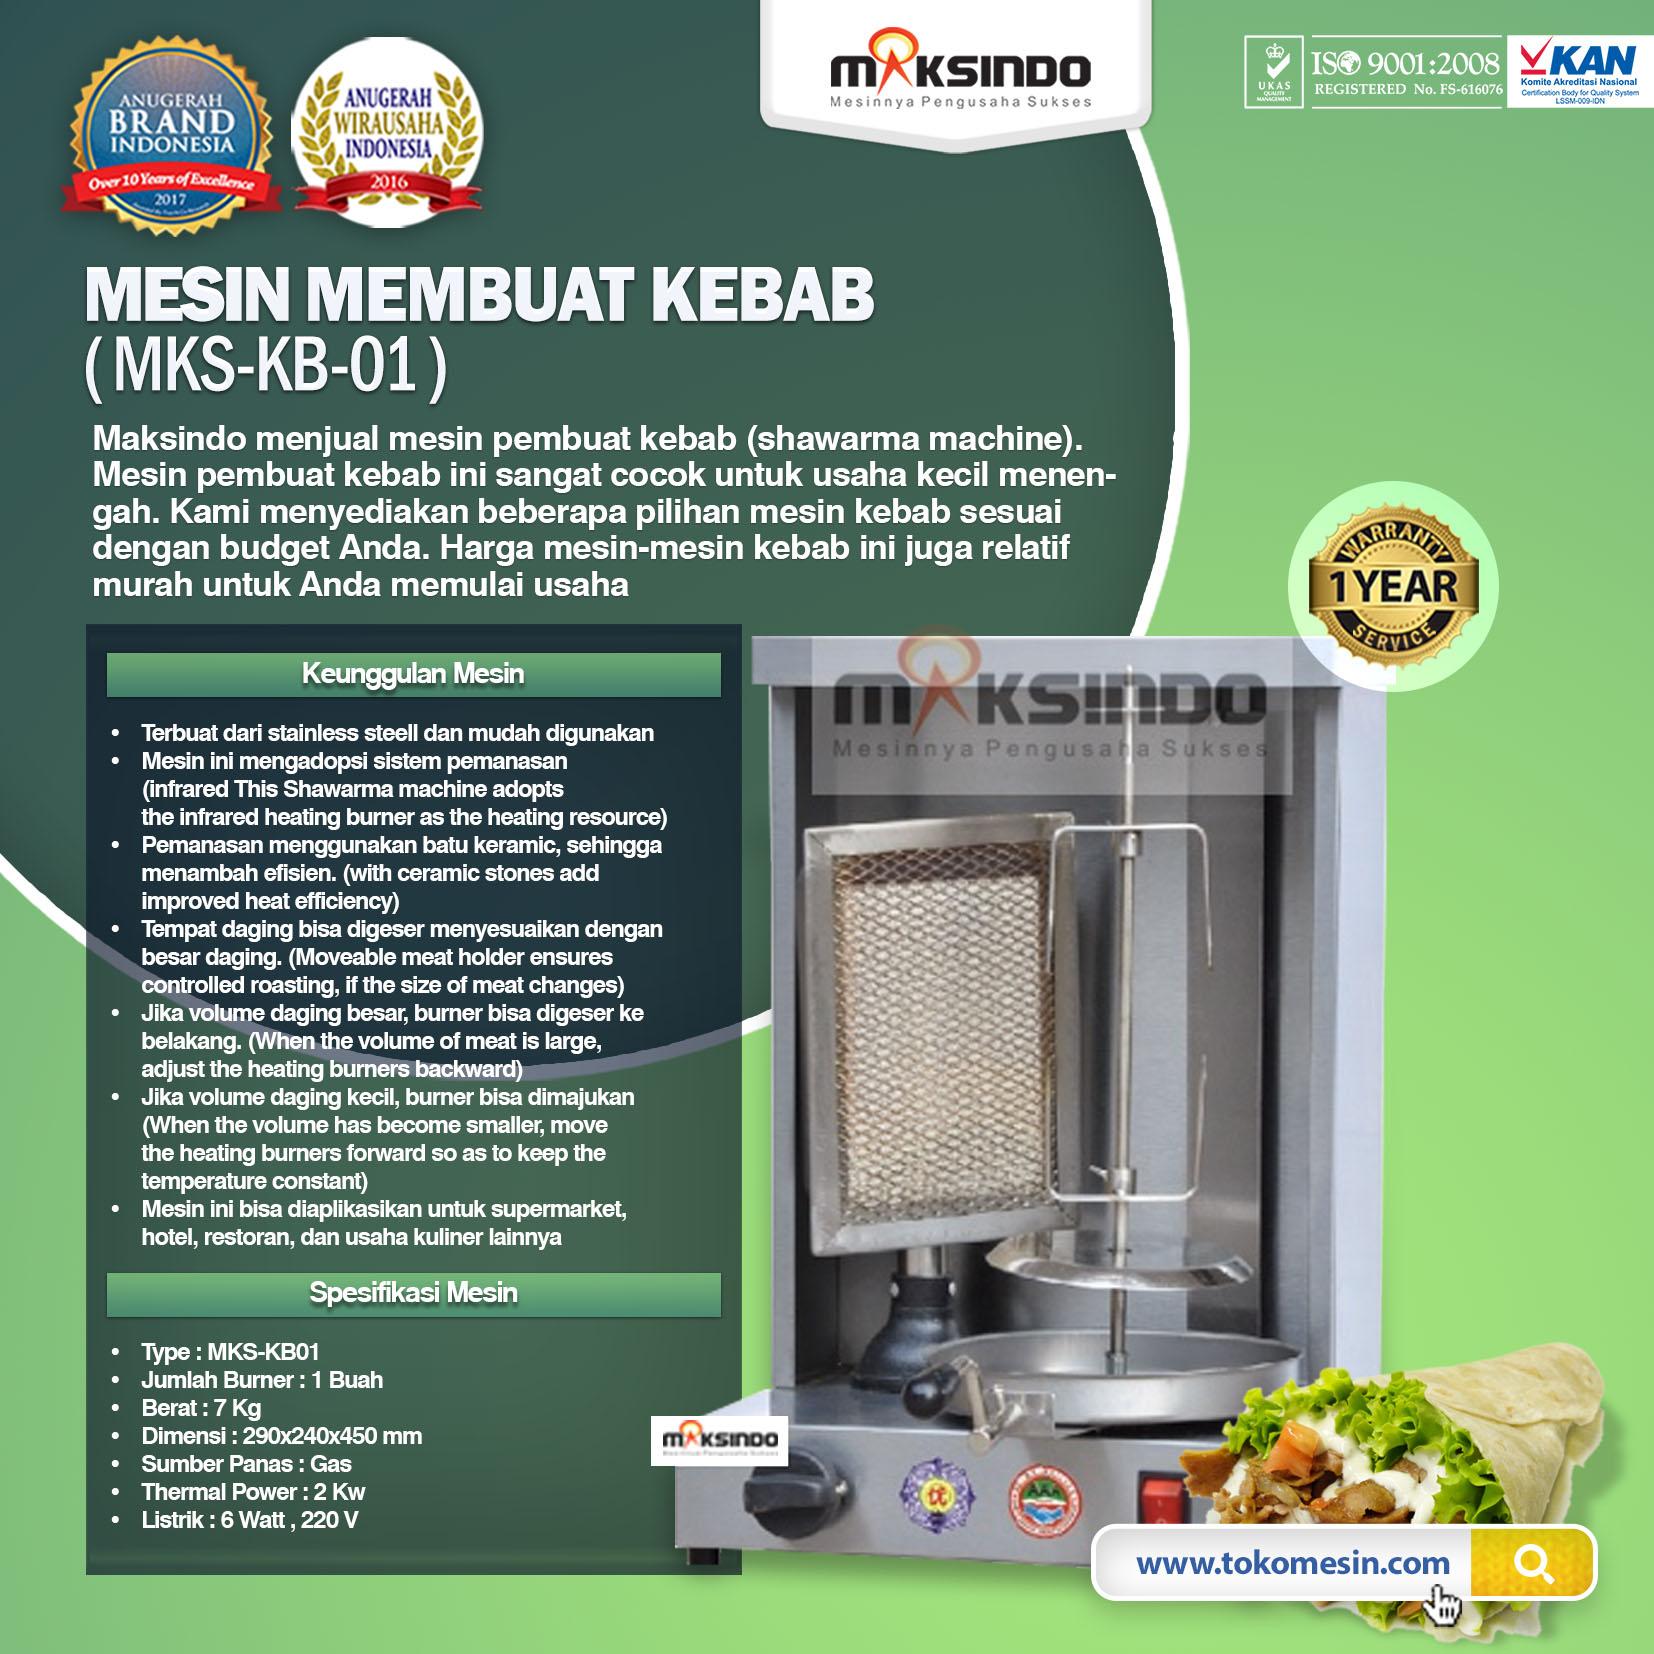 Mesin Kebab Untuk Membuat Kebab MKS-KB01